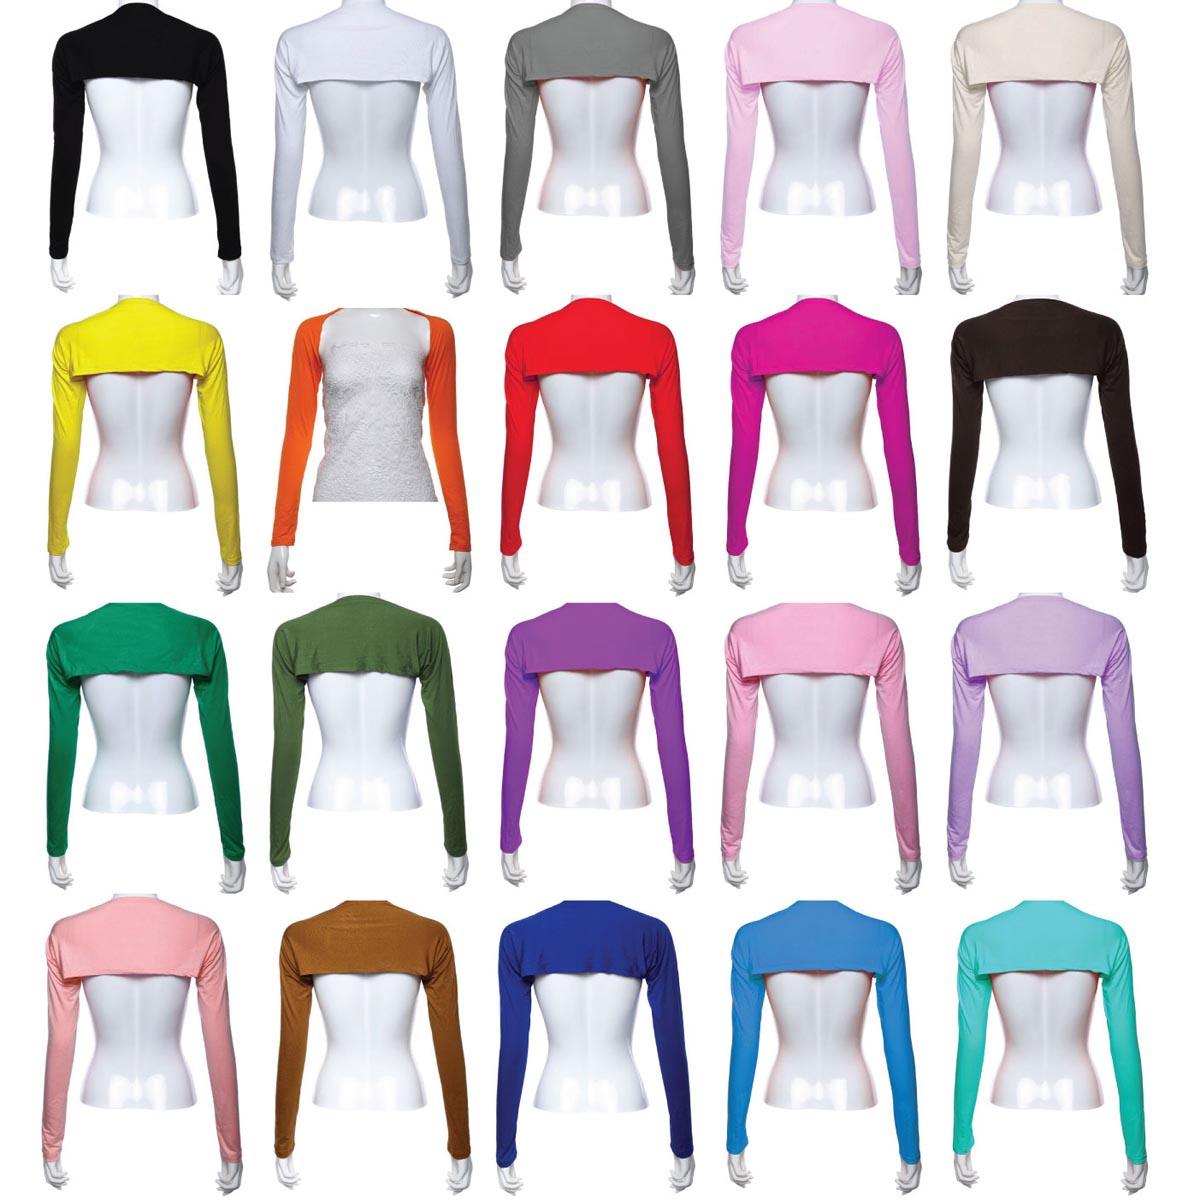 Мусульманские платки придает плеча рукава, модальные ткани, гардероб неисправность доказательство солнцезащитный крем для изготовления одежды, OM401